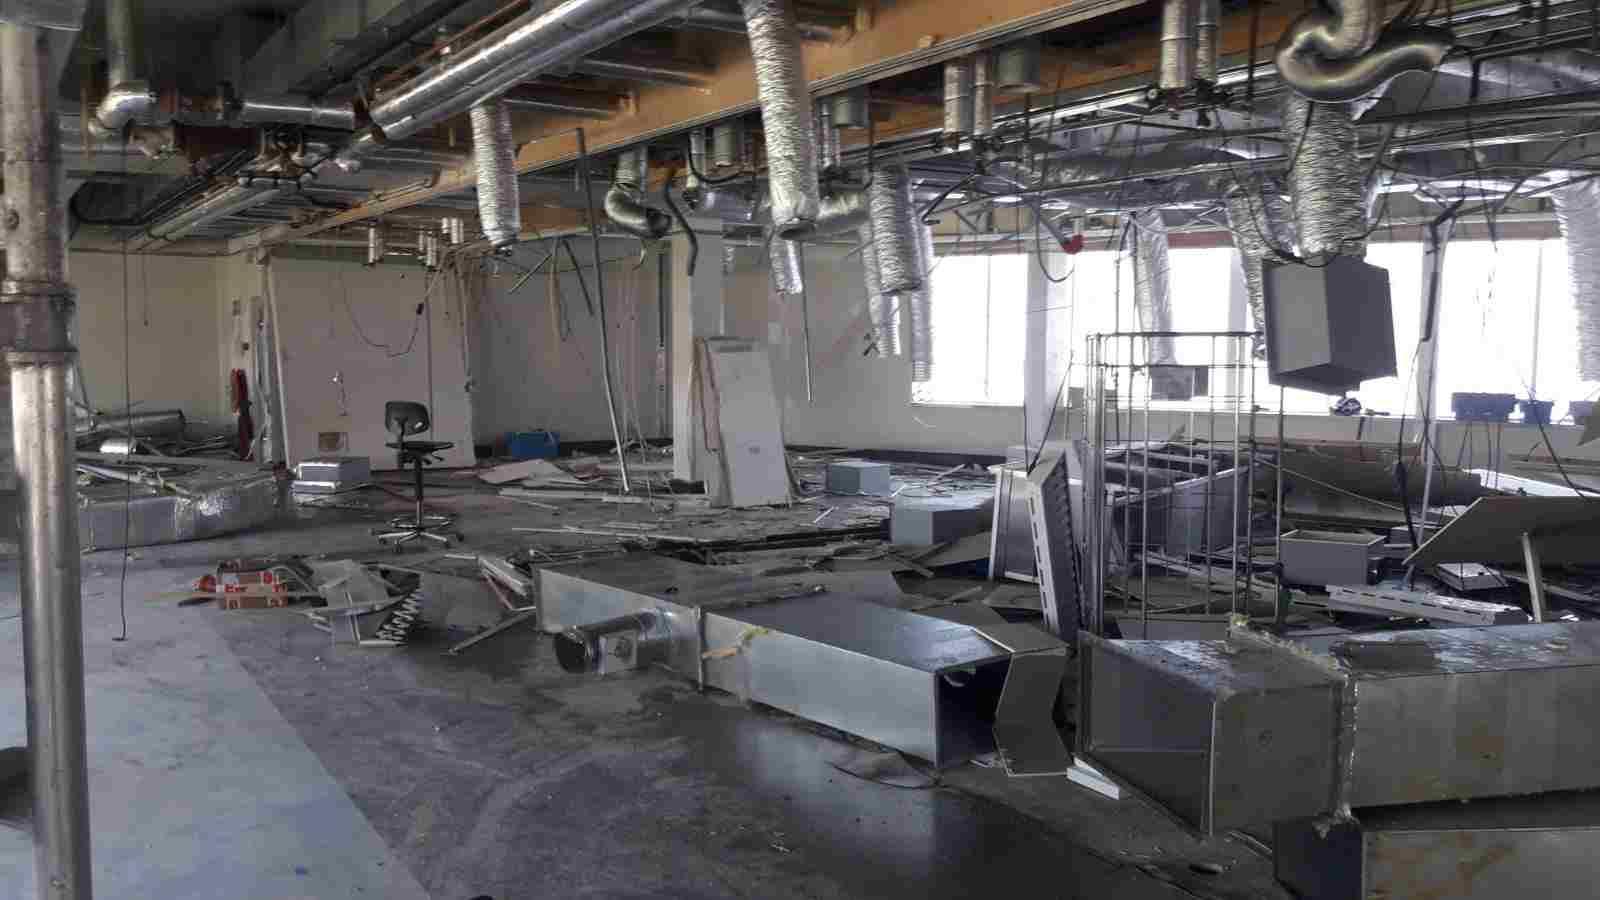 Beste Keuken Demonteren : Bedrijfsruimte strippen amsterdam sloopbedrijf kalker